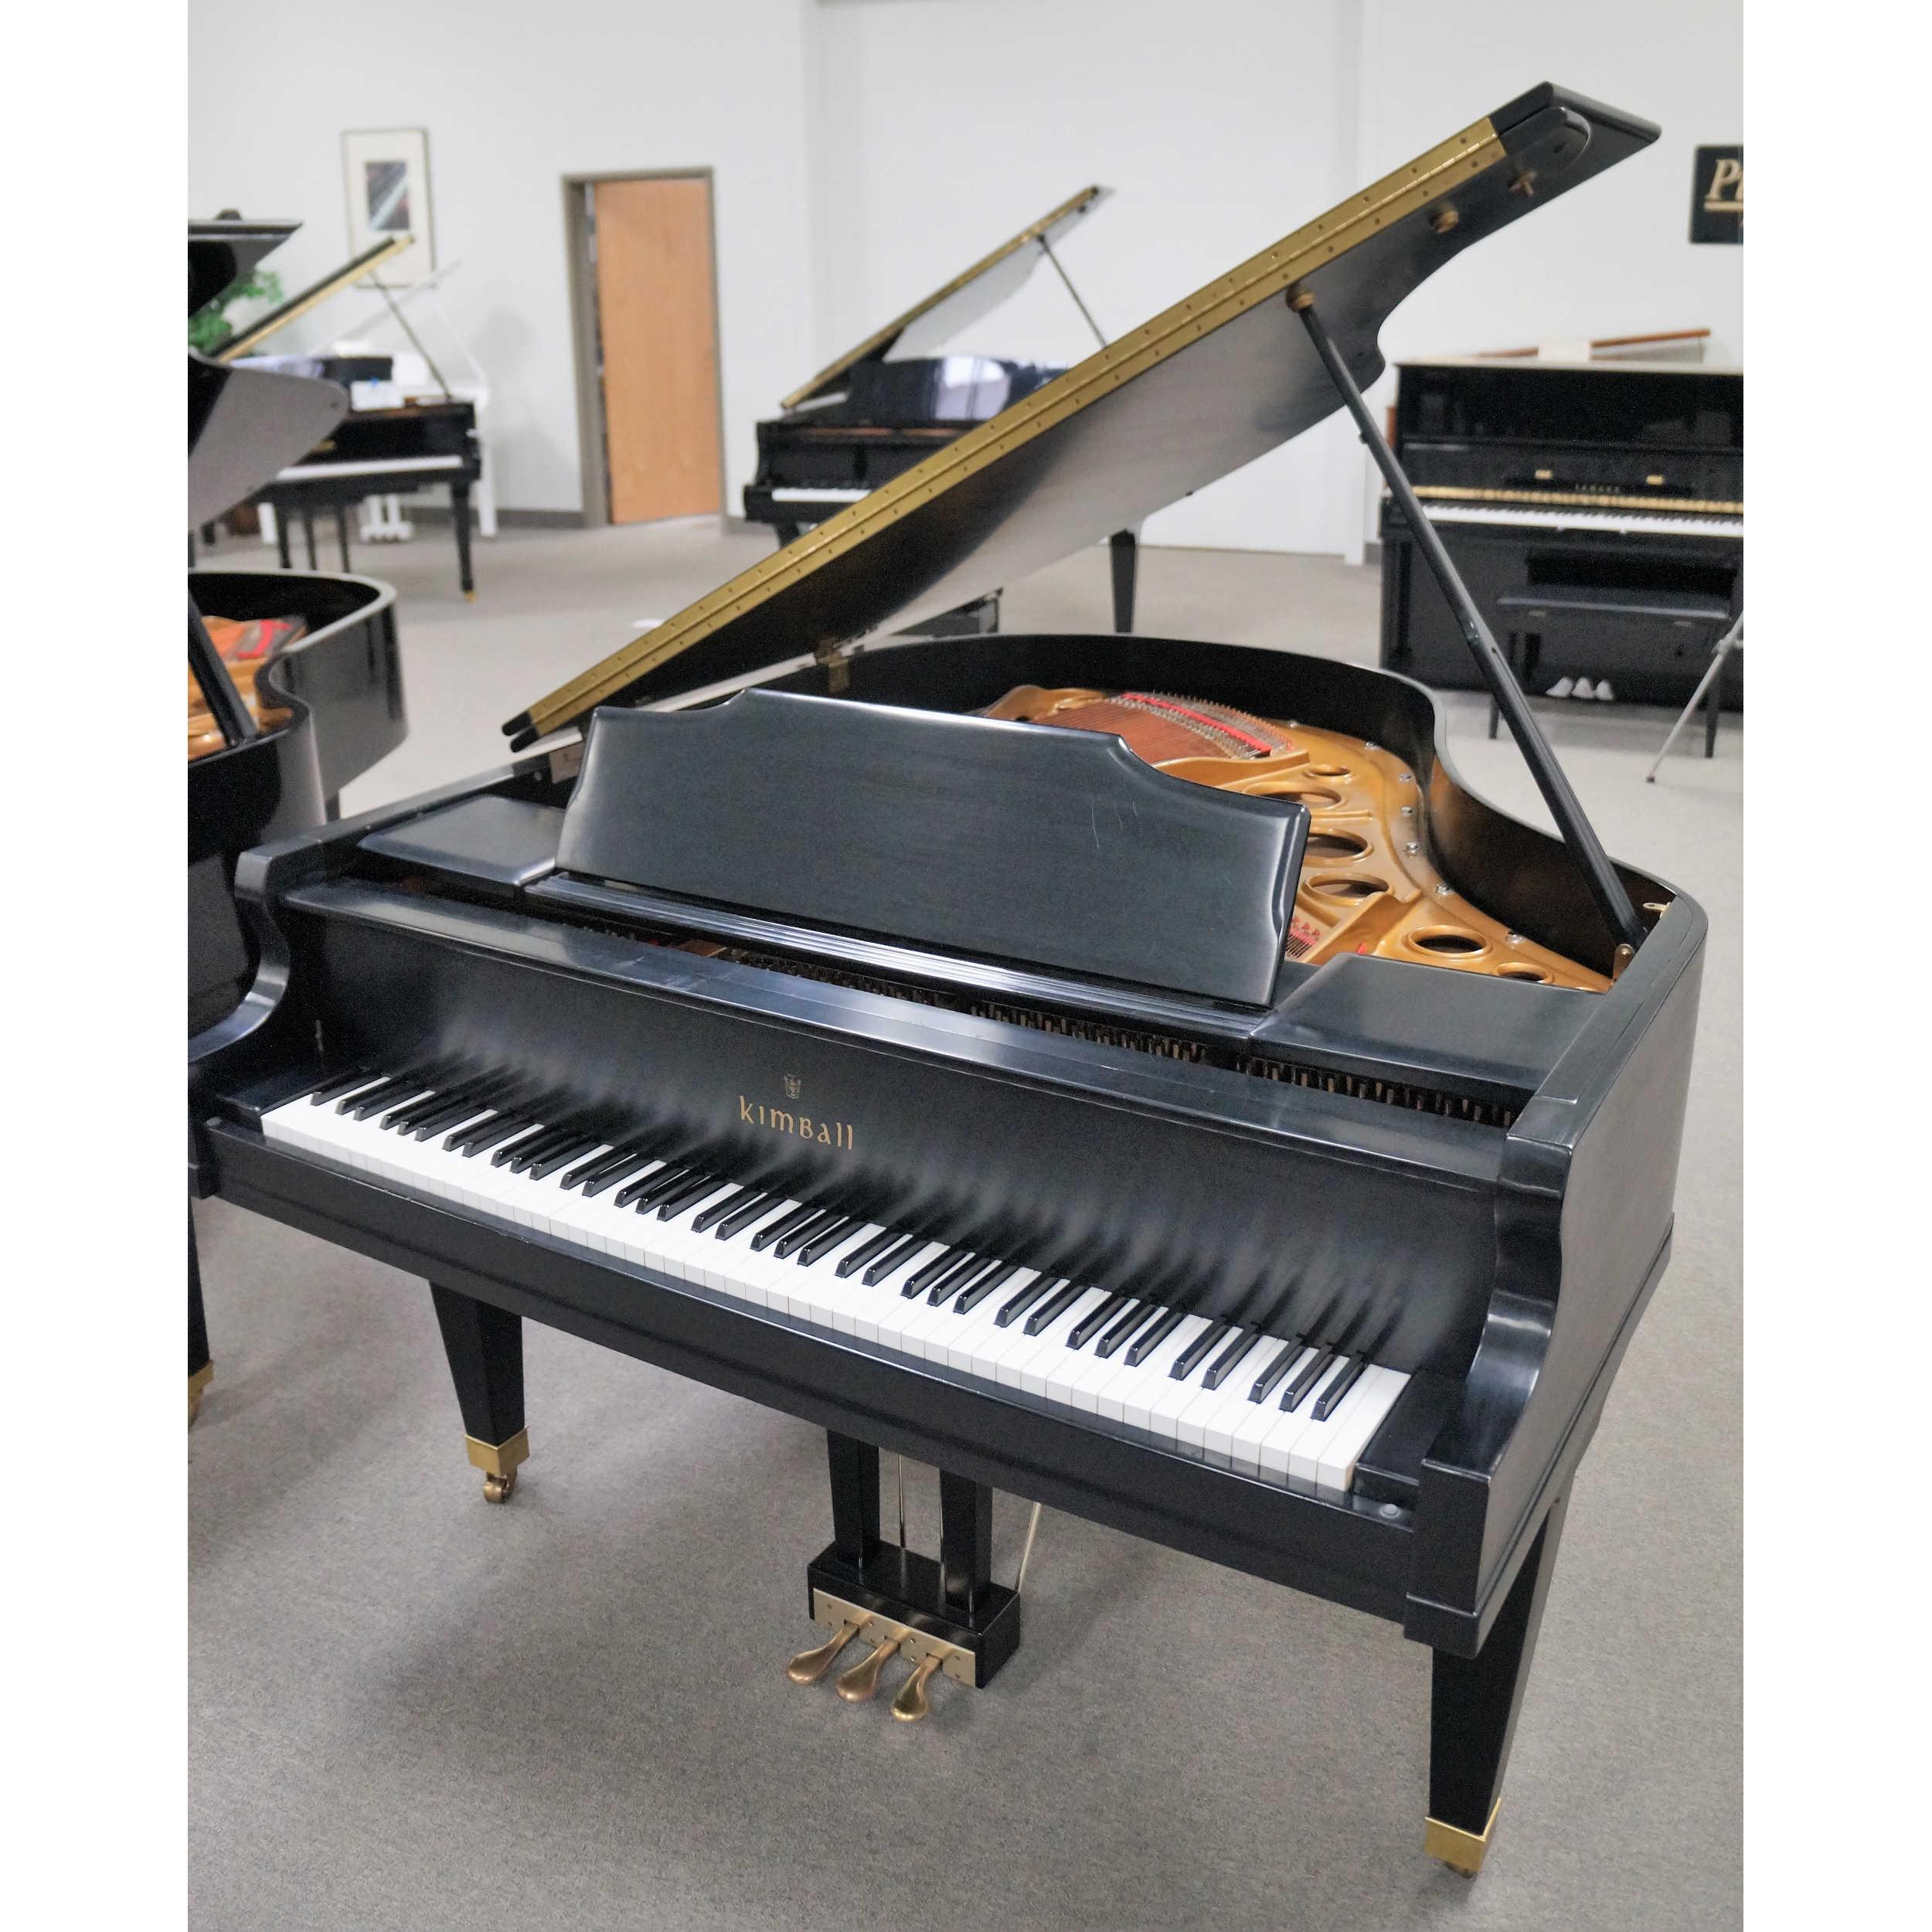 Kimball Grand Piano Ebony Satin